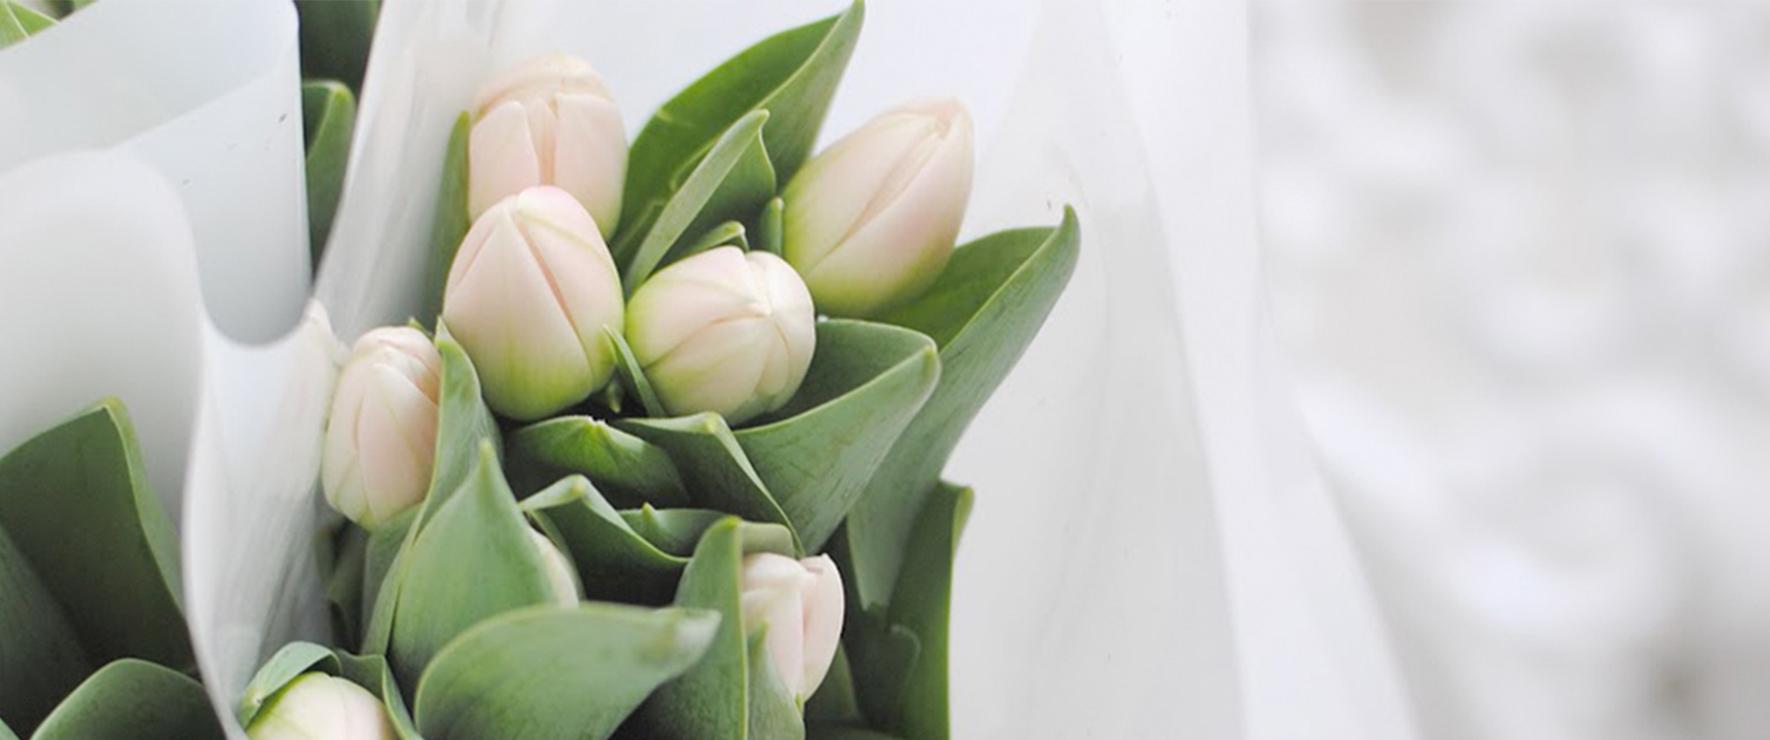 Jedinstvena izrada cvetnih fantazija.